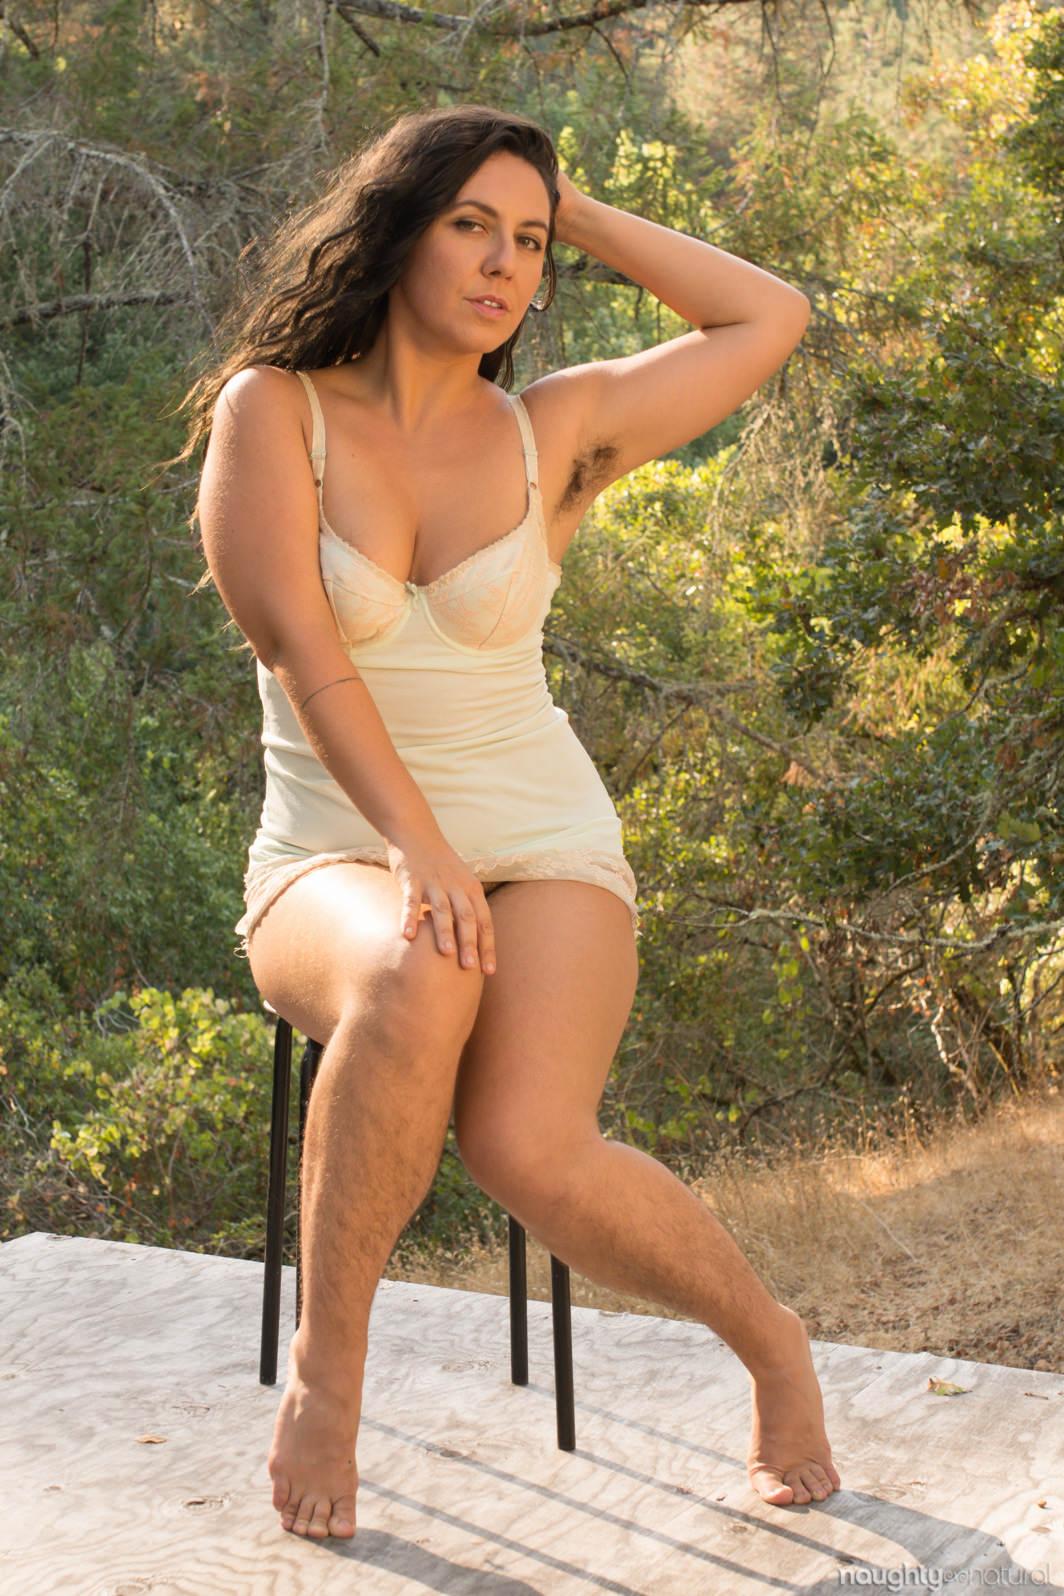 Nikki silver porn